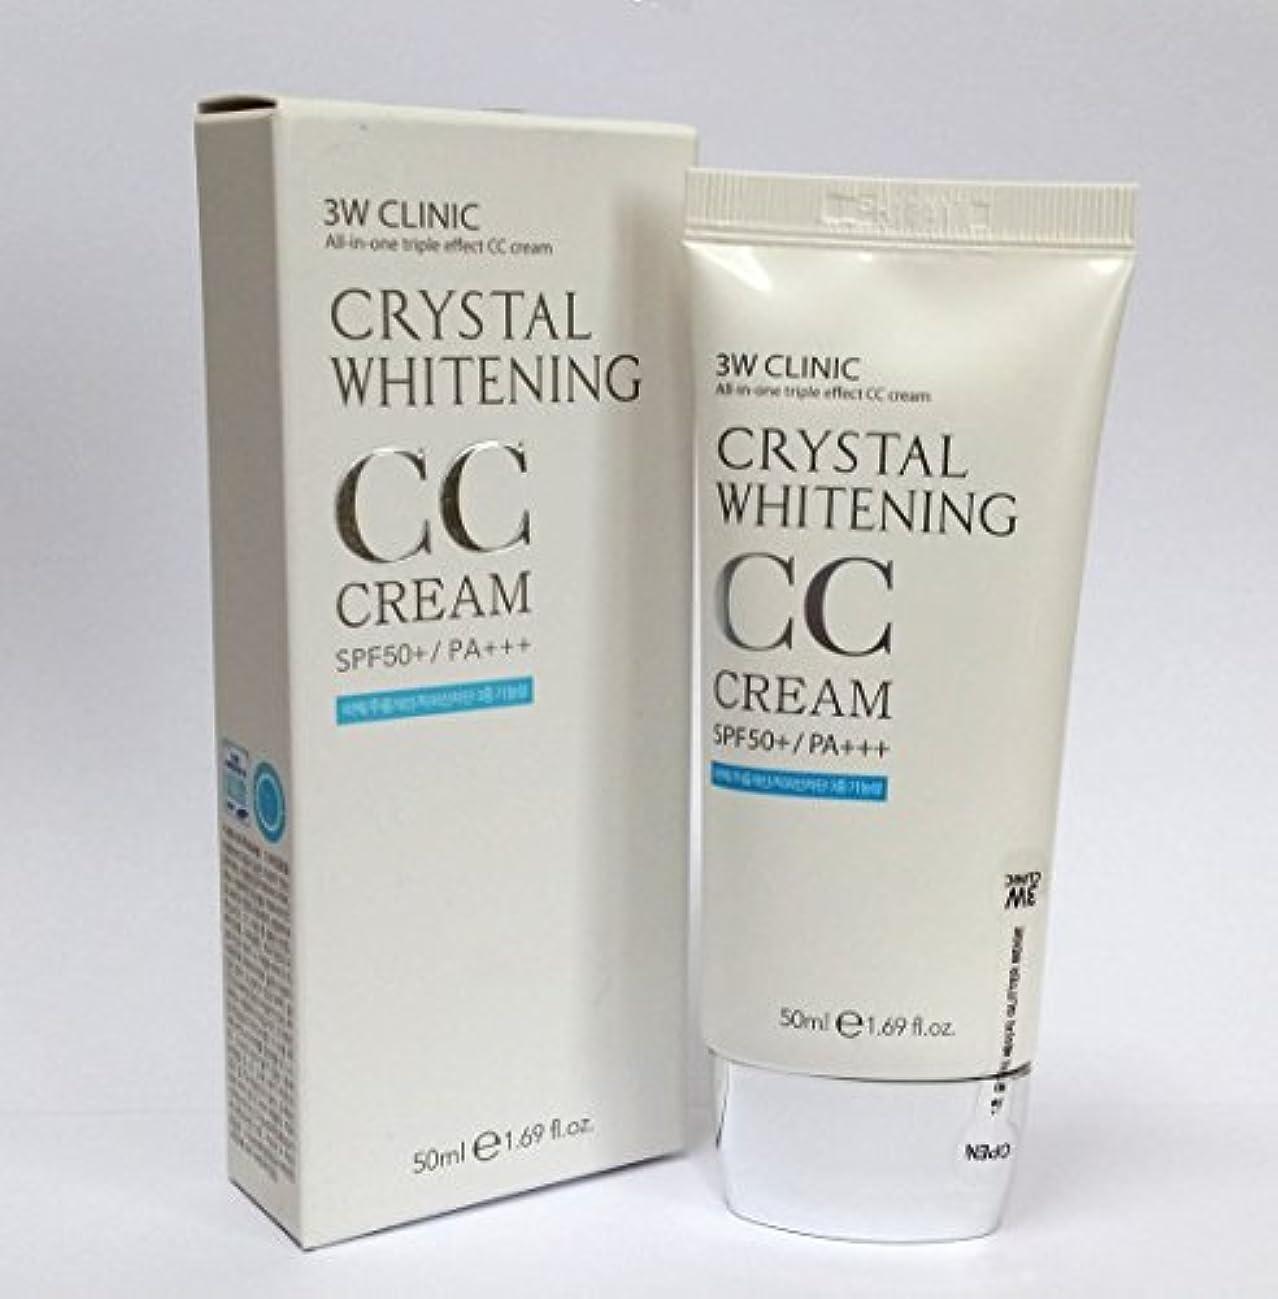 達成ダウンタウン認可[3W CLINIC] クリスタルホワイトニングCCクリーム50ml SPF50 PA +++ / #01 Glitter Beige/Crystal Whitening CC Cream 50ml SPF50 PA++...